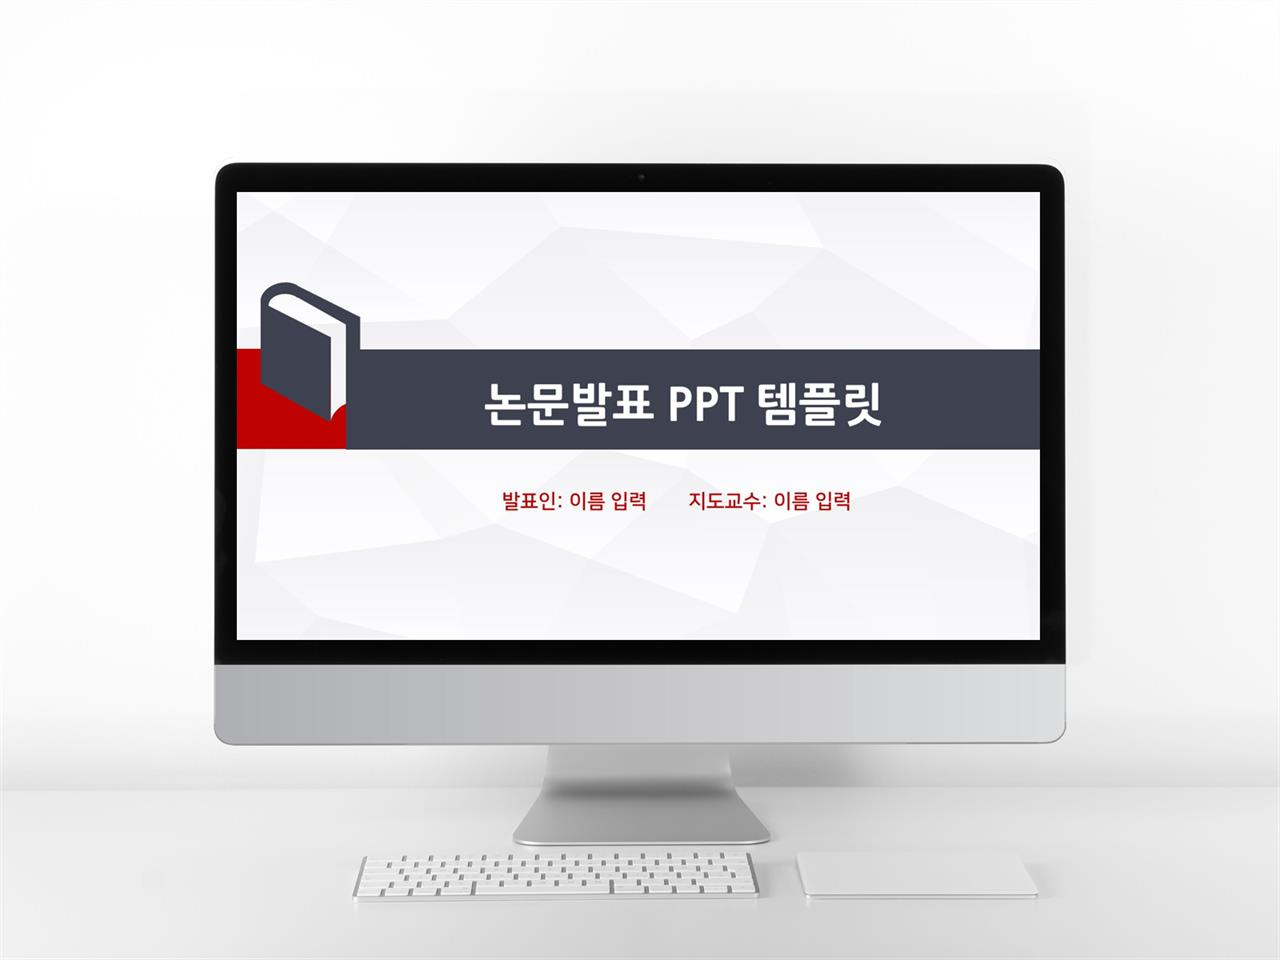 논문심사 레드색 정결한 프레젠테이션 파워포인트탬플릿 만들기 미리보기